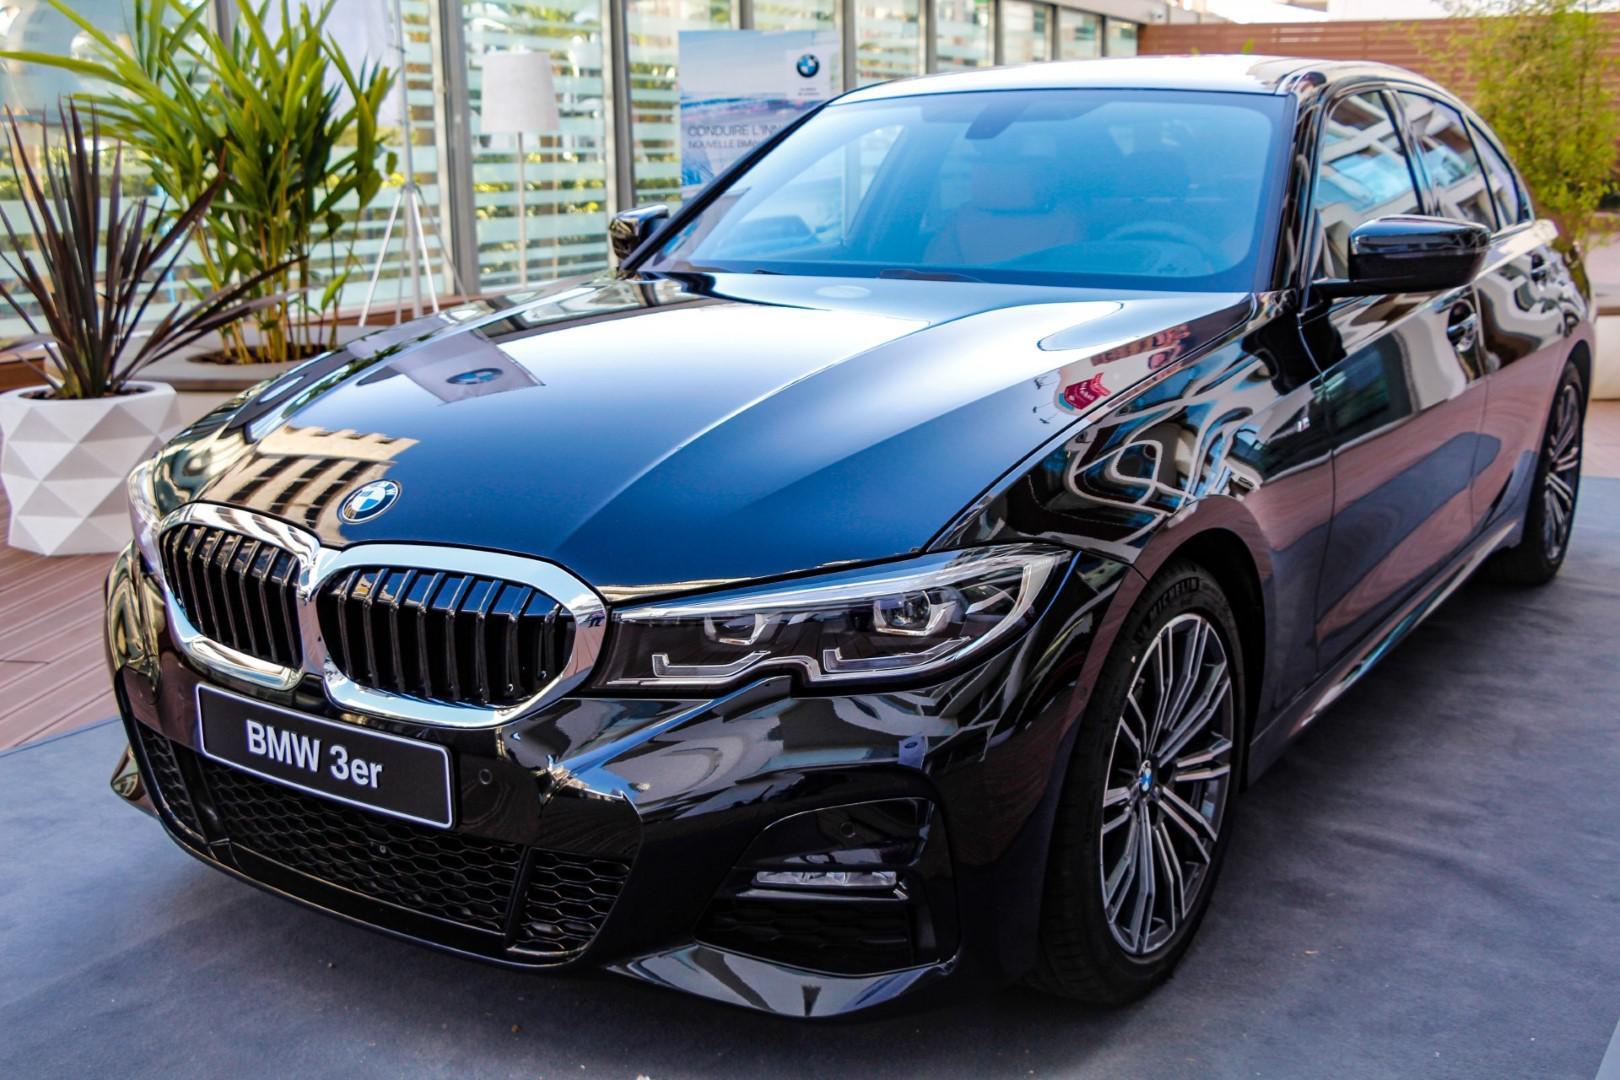 LANCEMENT DE LA TOUTE NOUVELLE BMW SERIE 3 (Code G20) PAR LA SMEIA